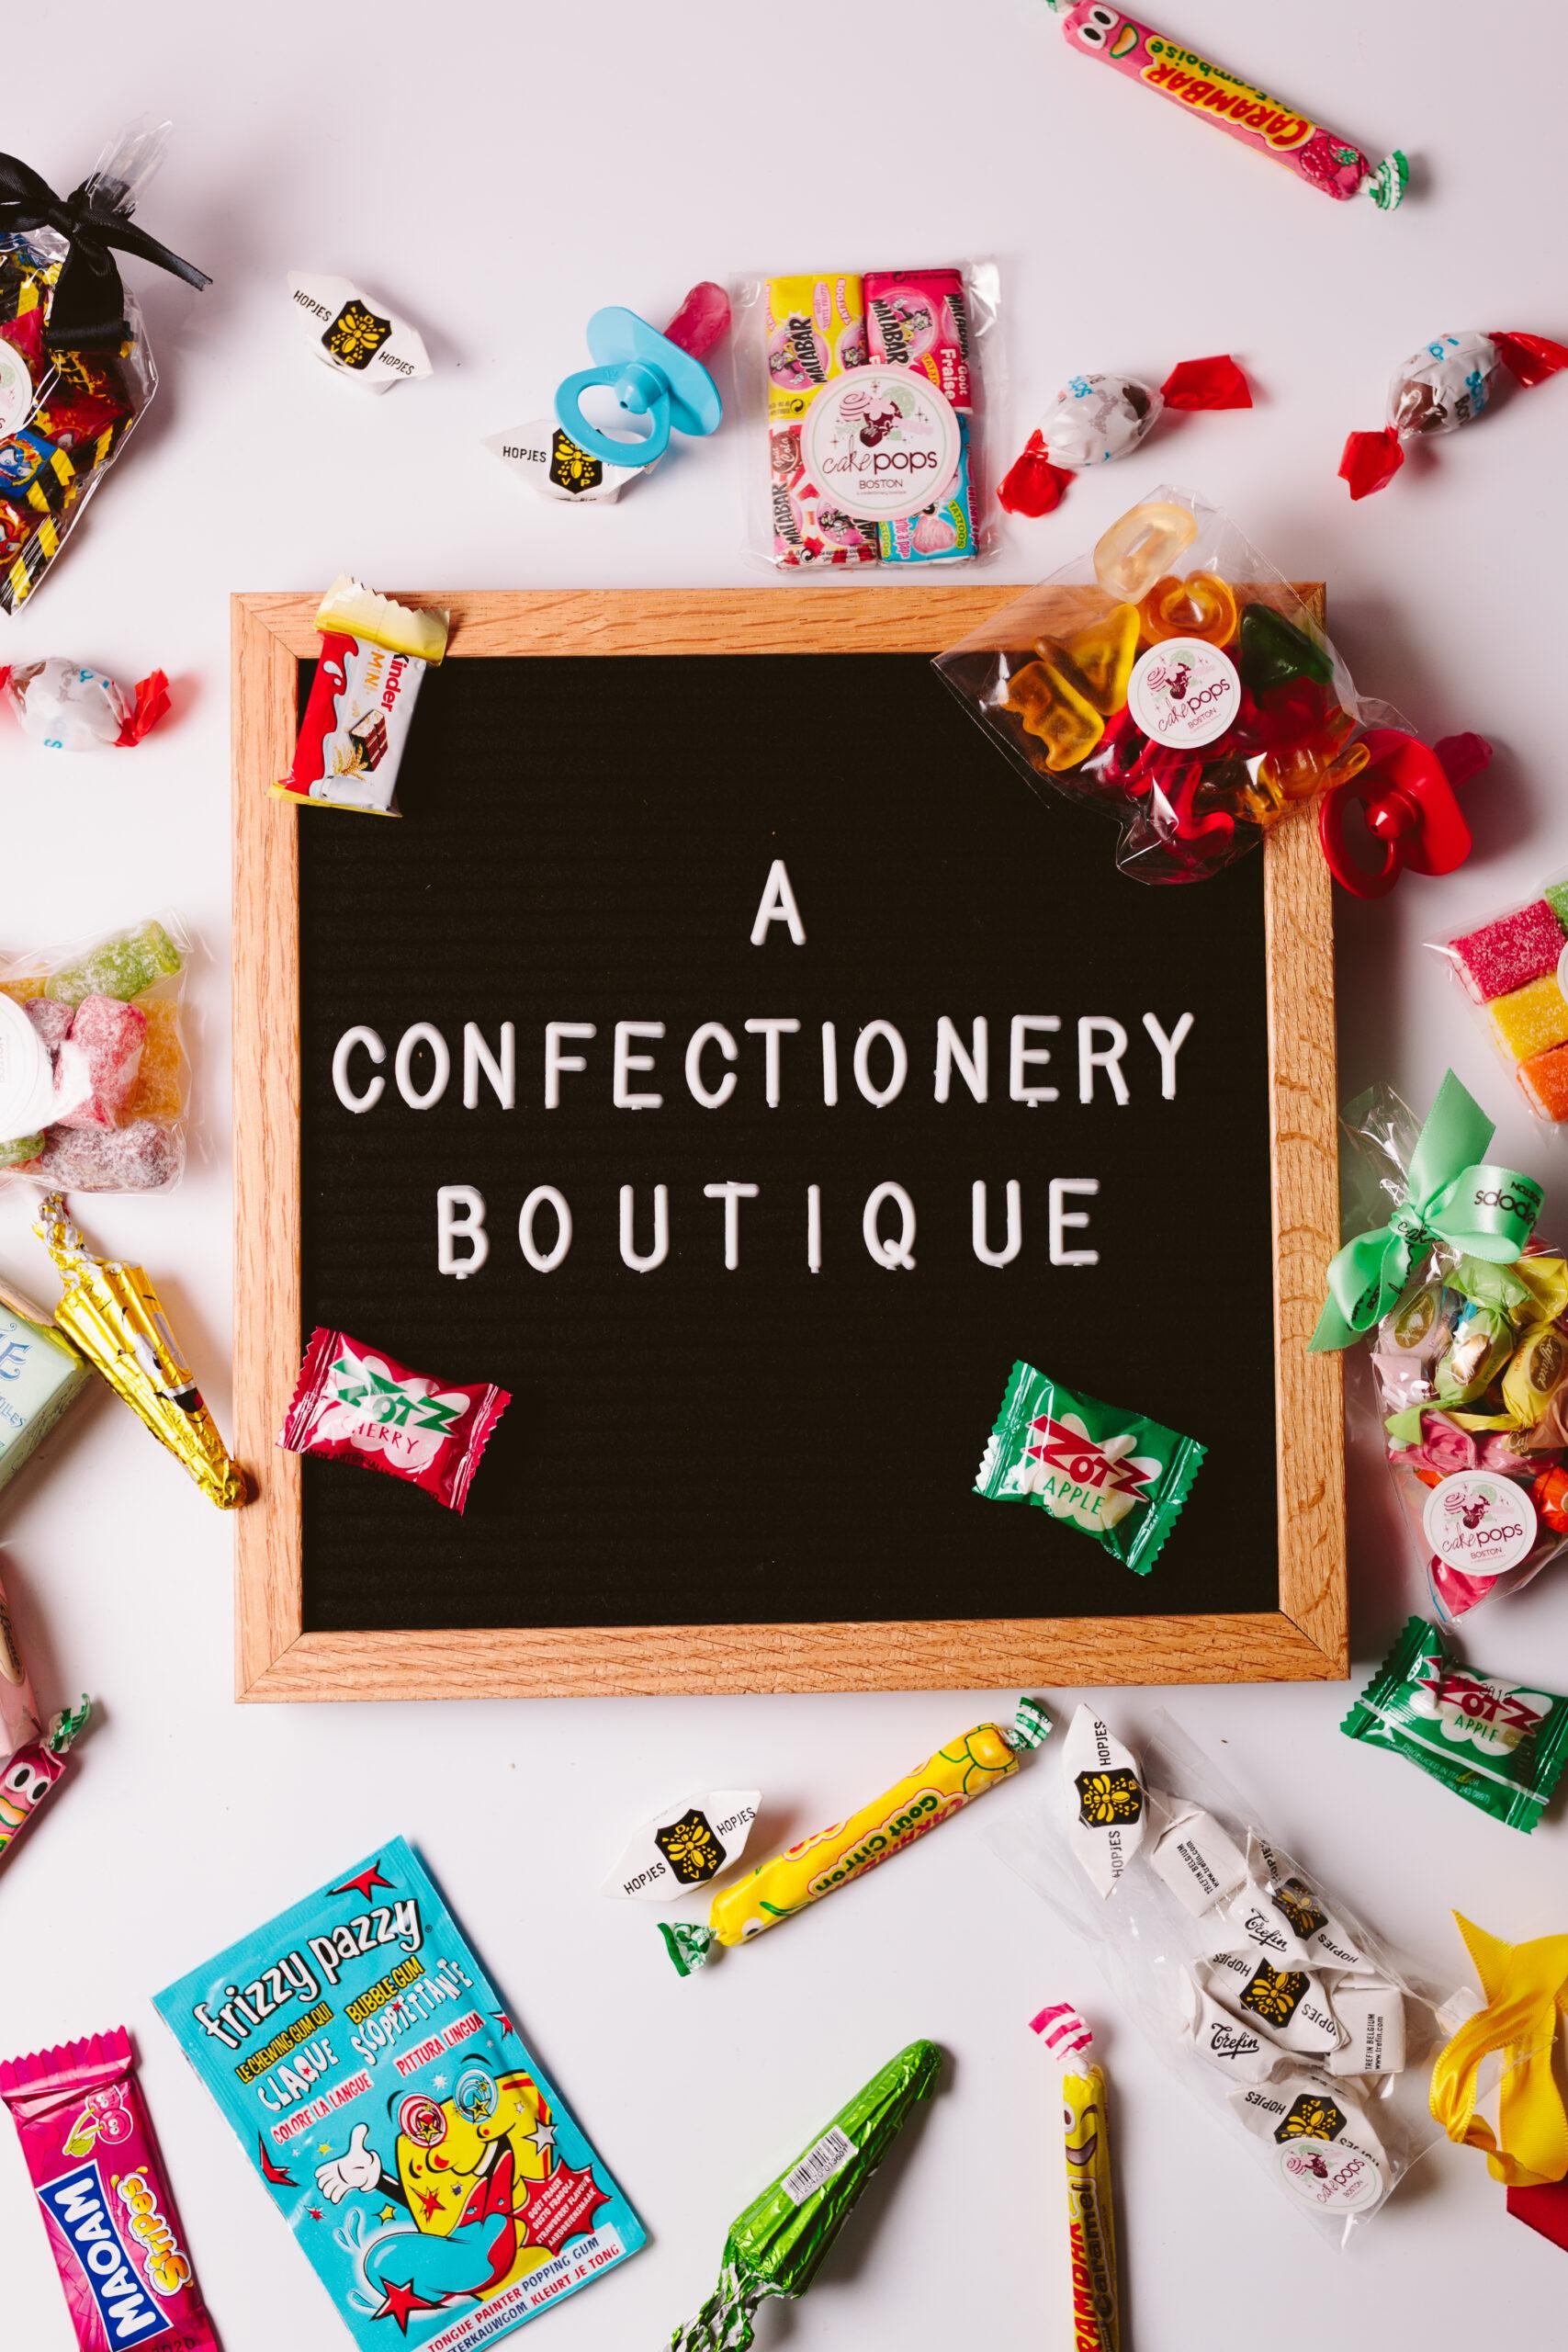 Cake Pops Boston, a confectionery boutique